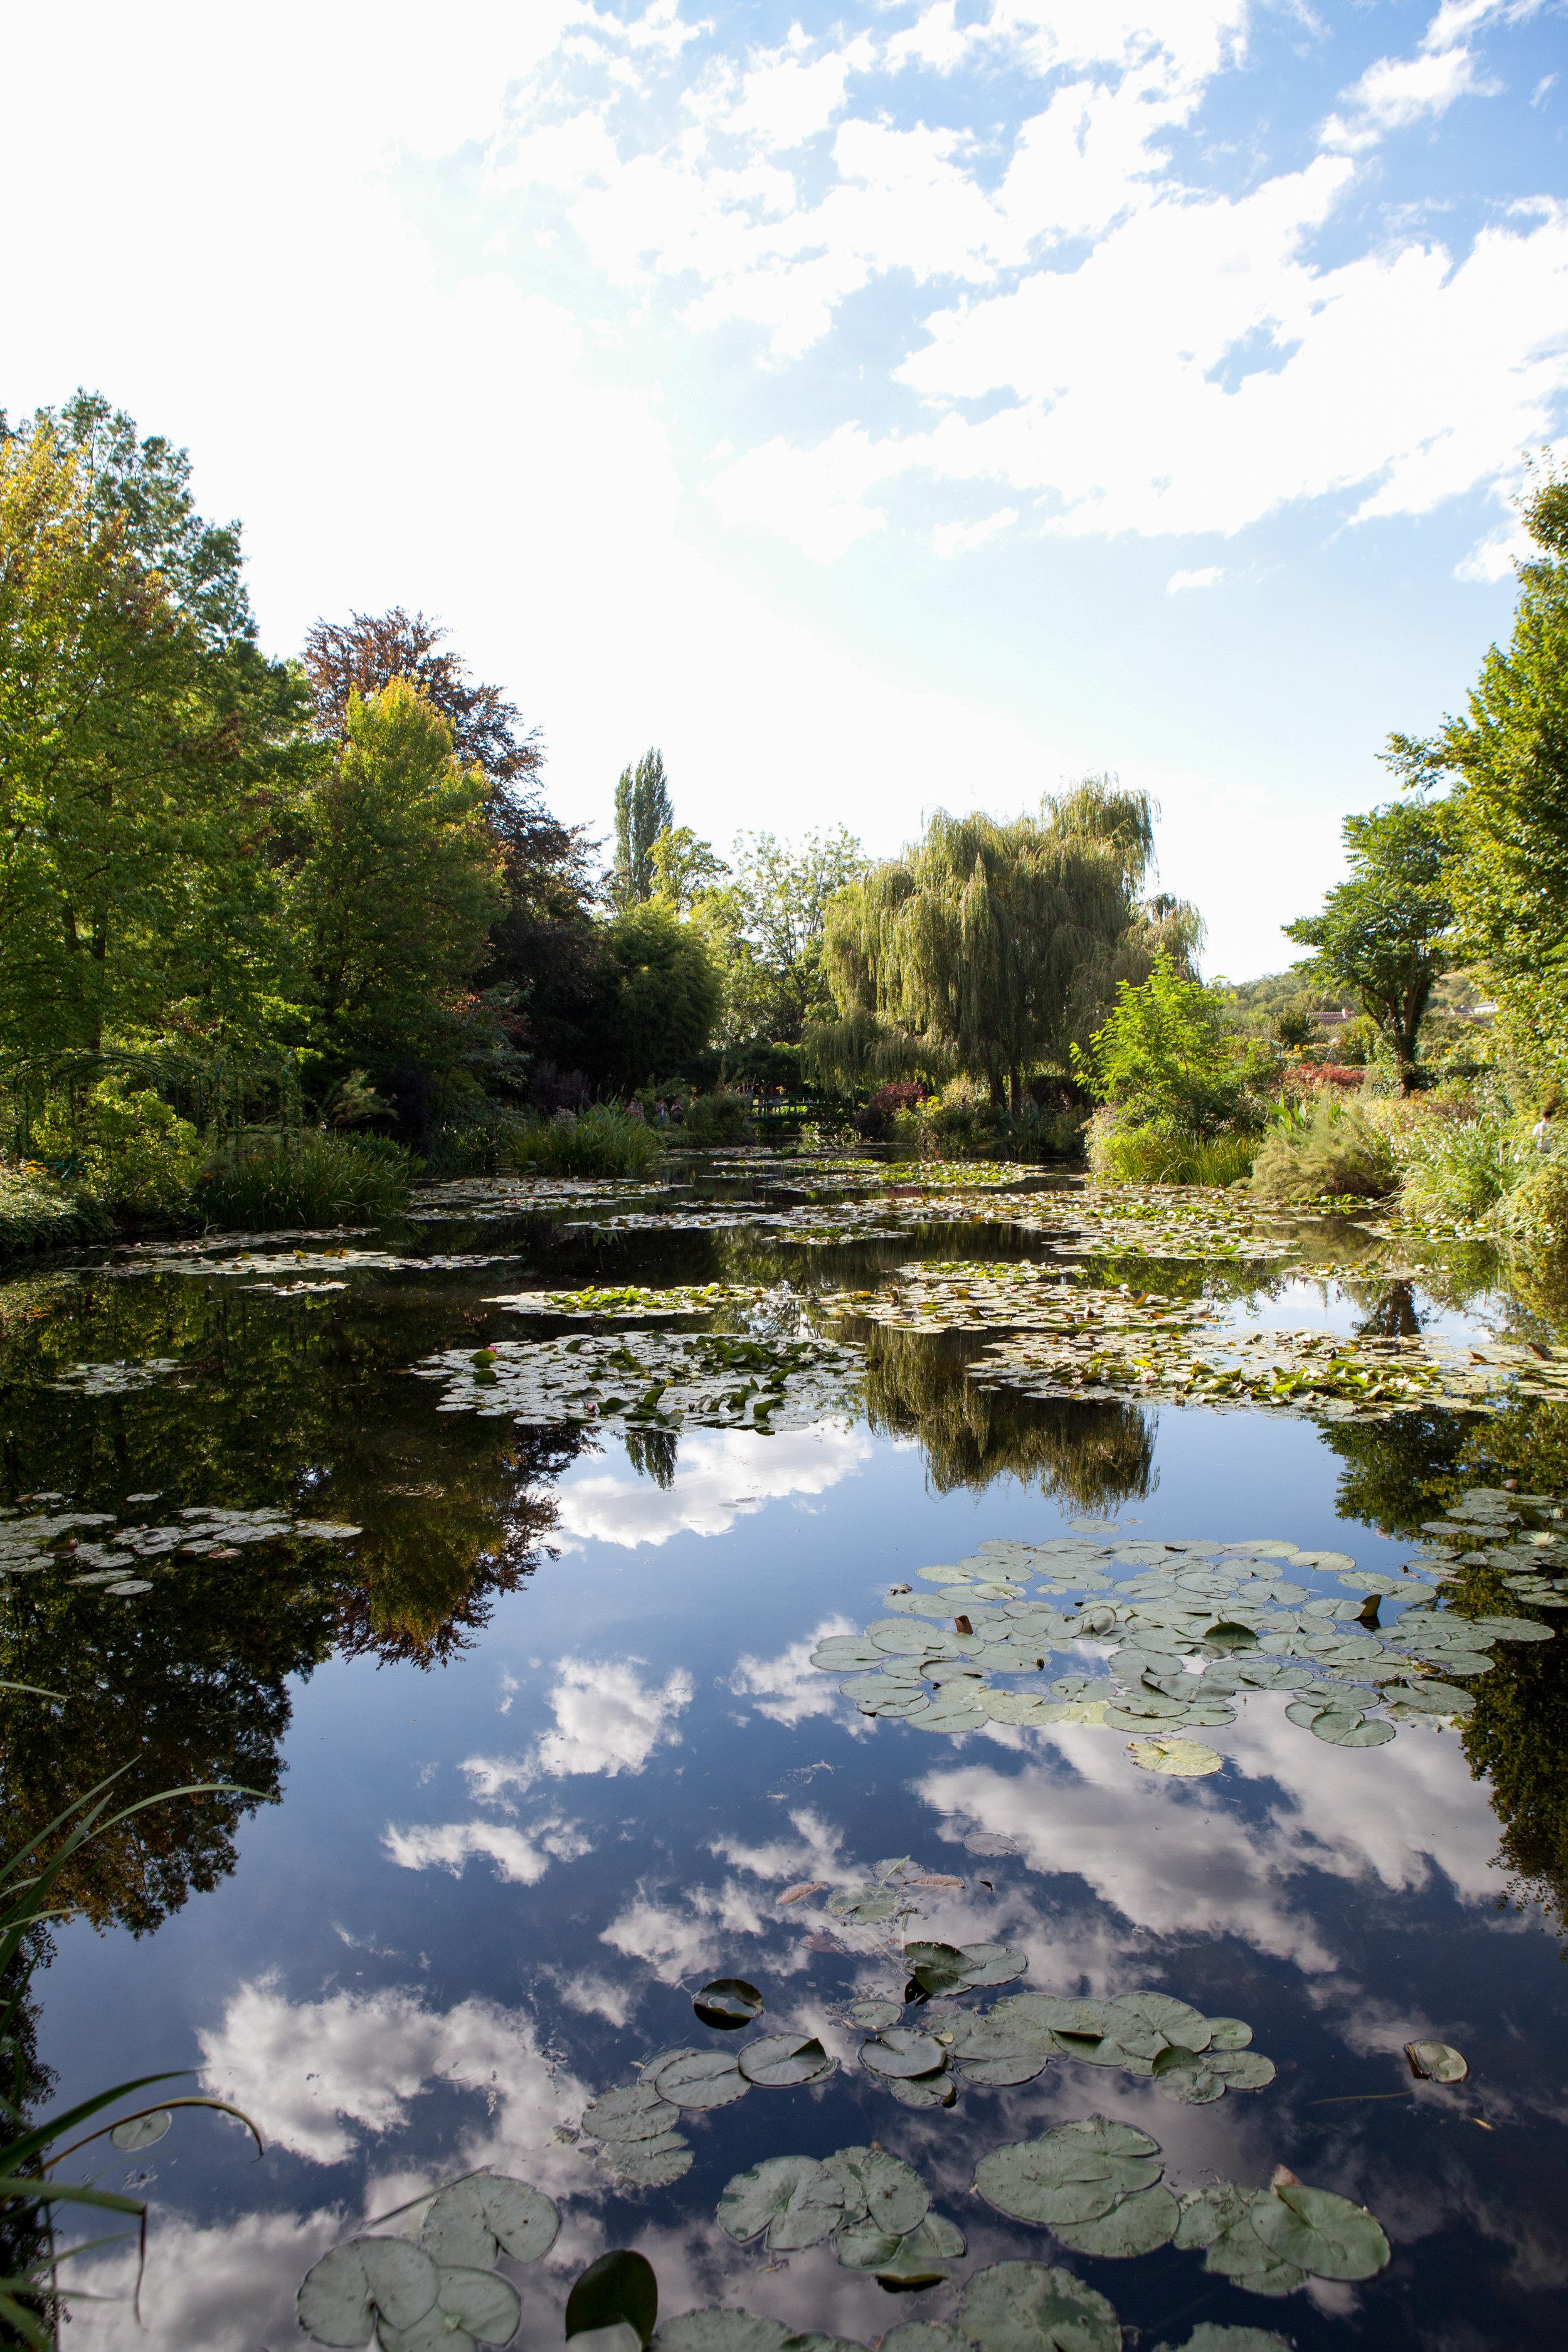 20120828-20120828-Giverny lily pond-1.jpg